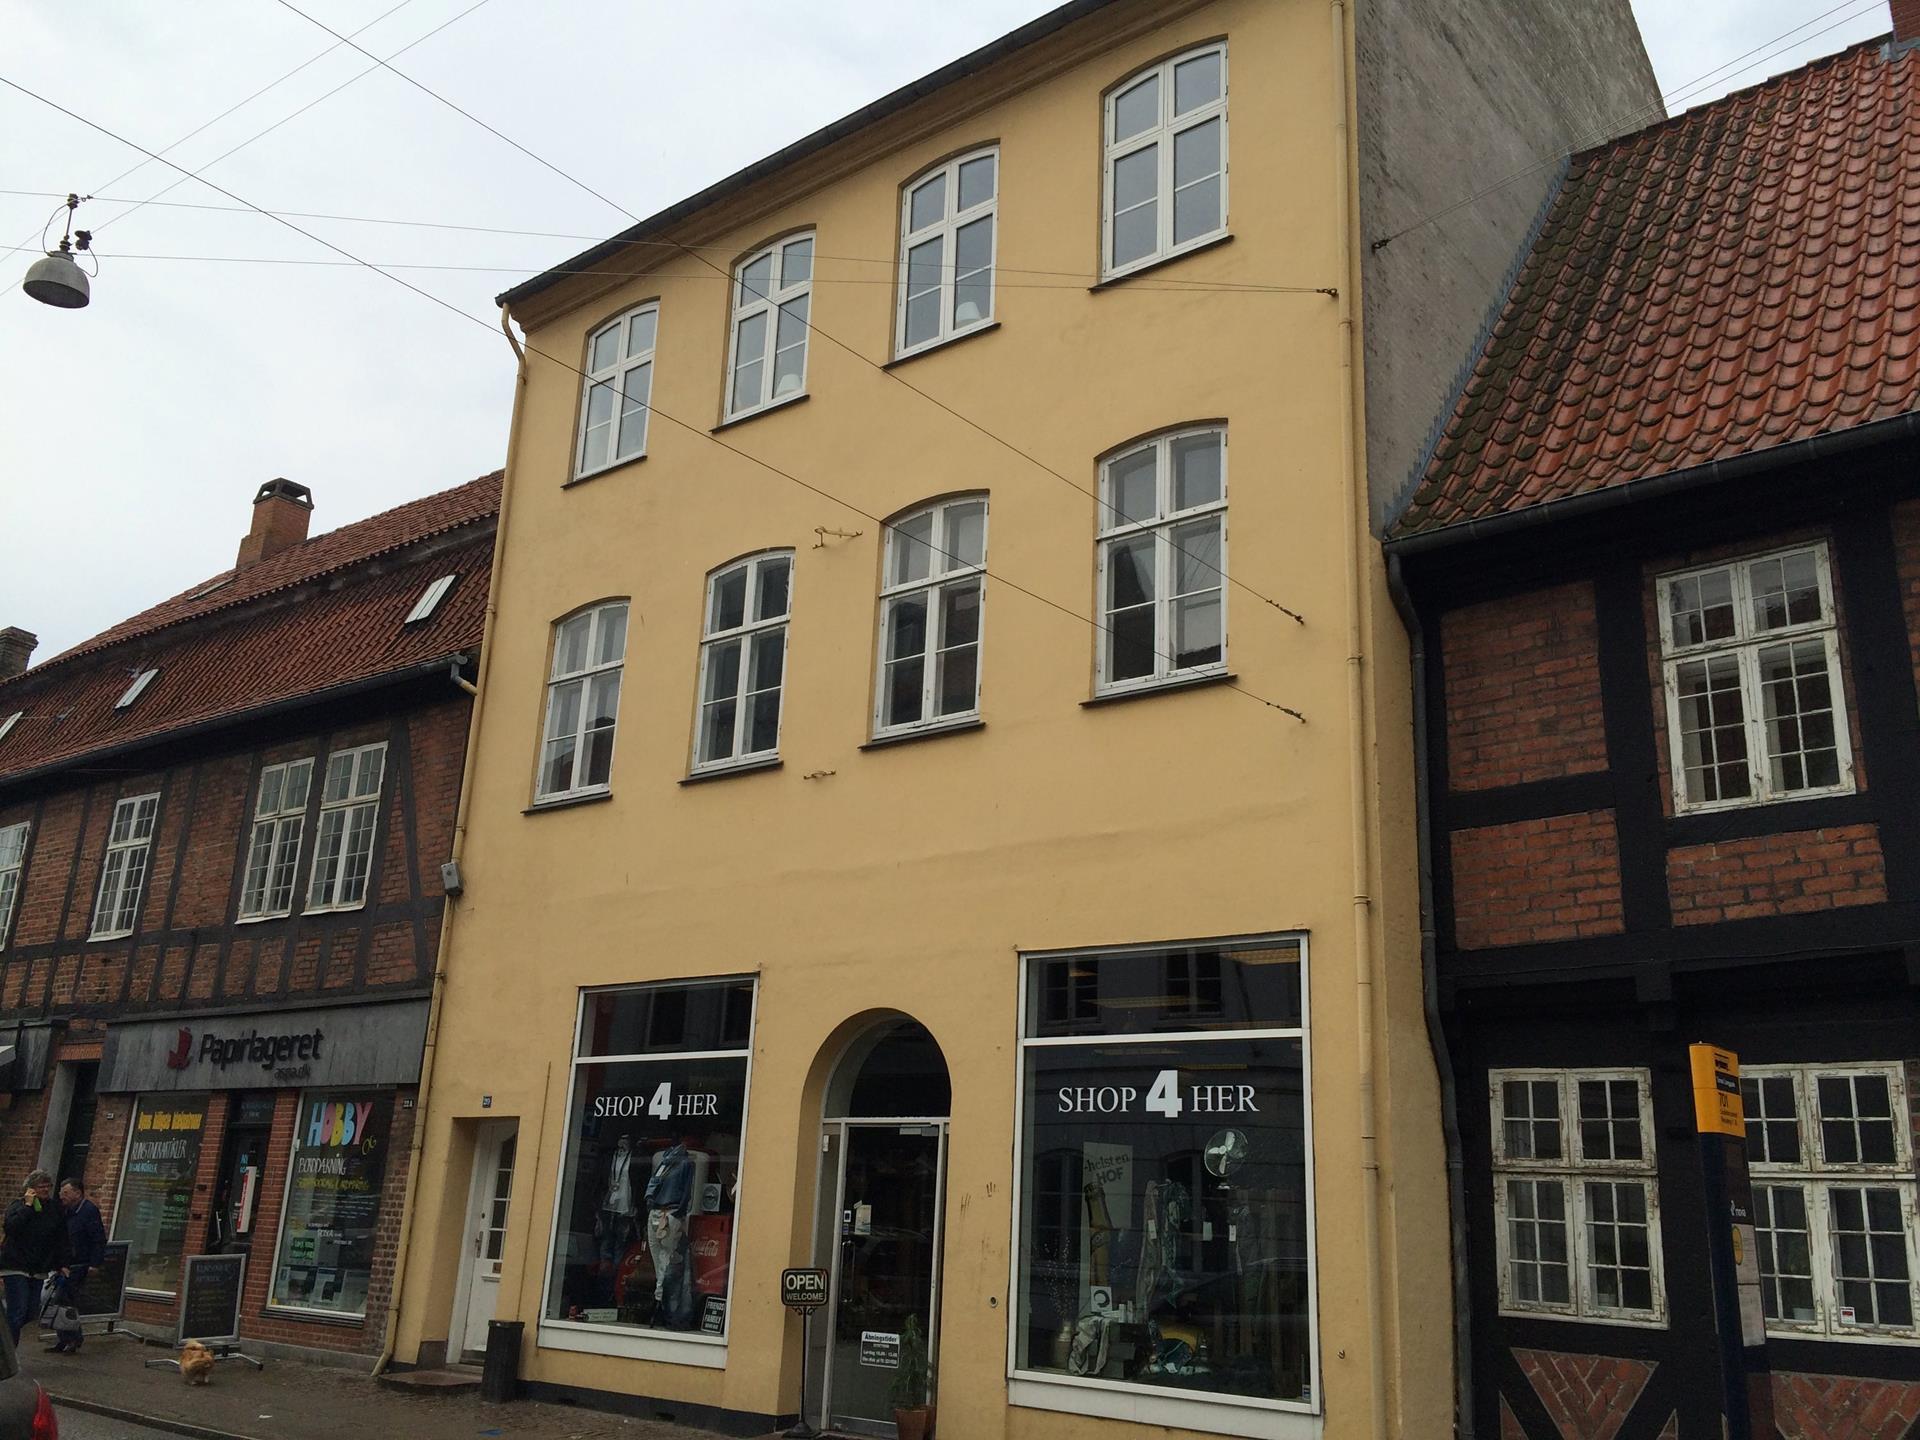 Bolig/erhverv på Langgade i Nykøbing F - Ejendommen